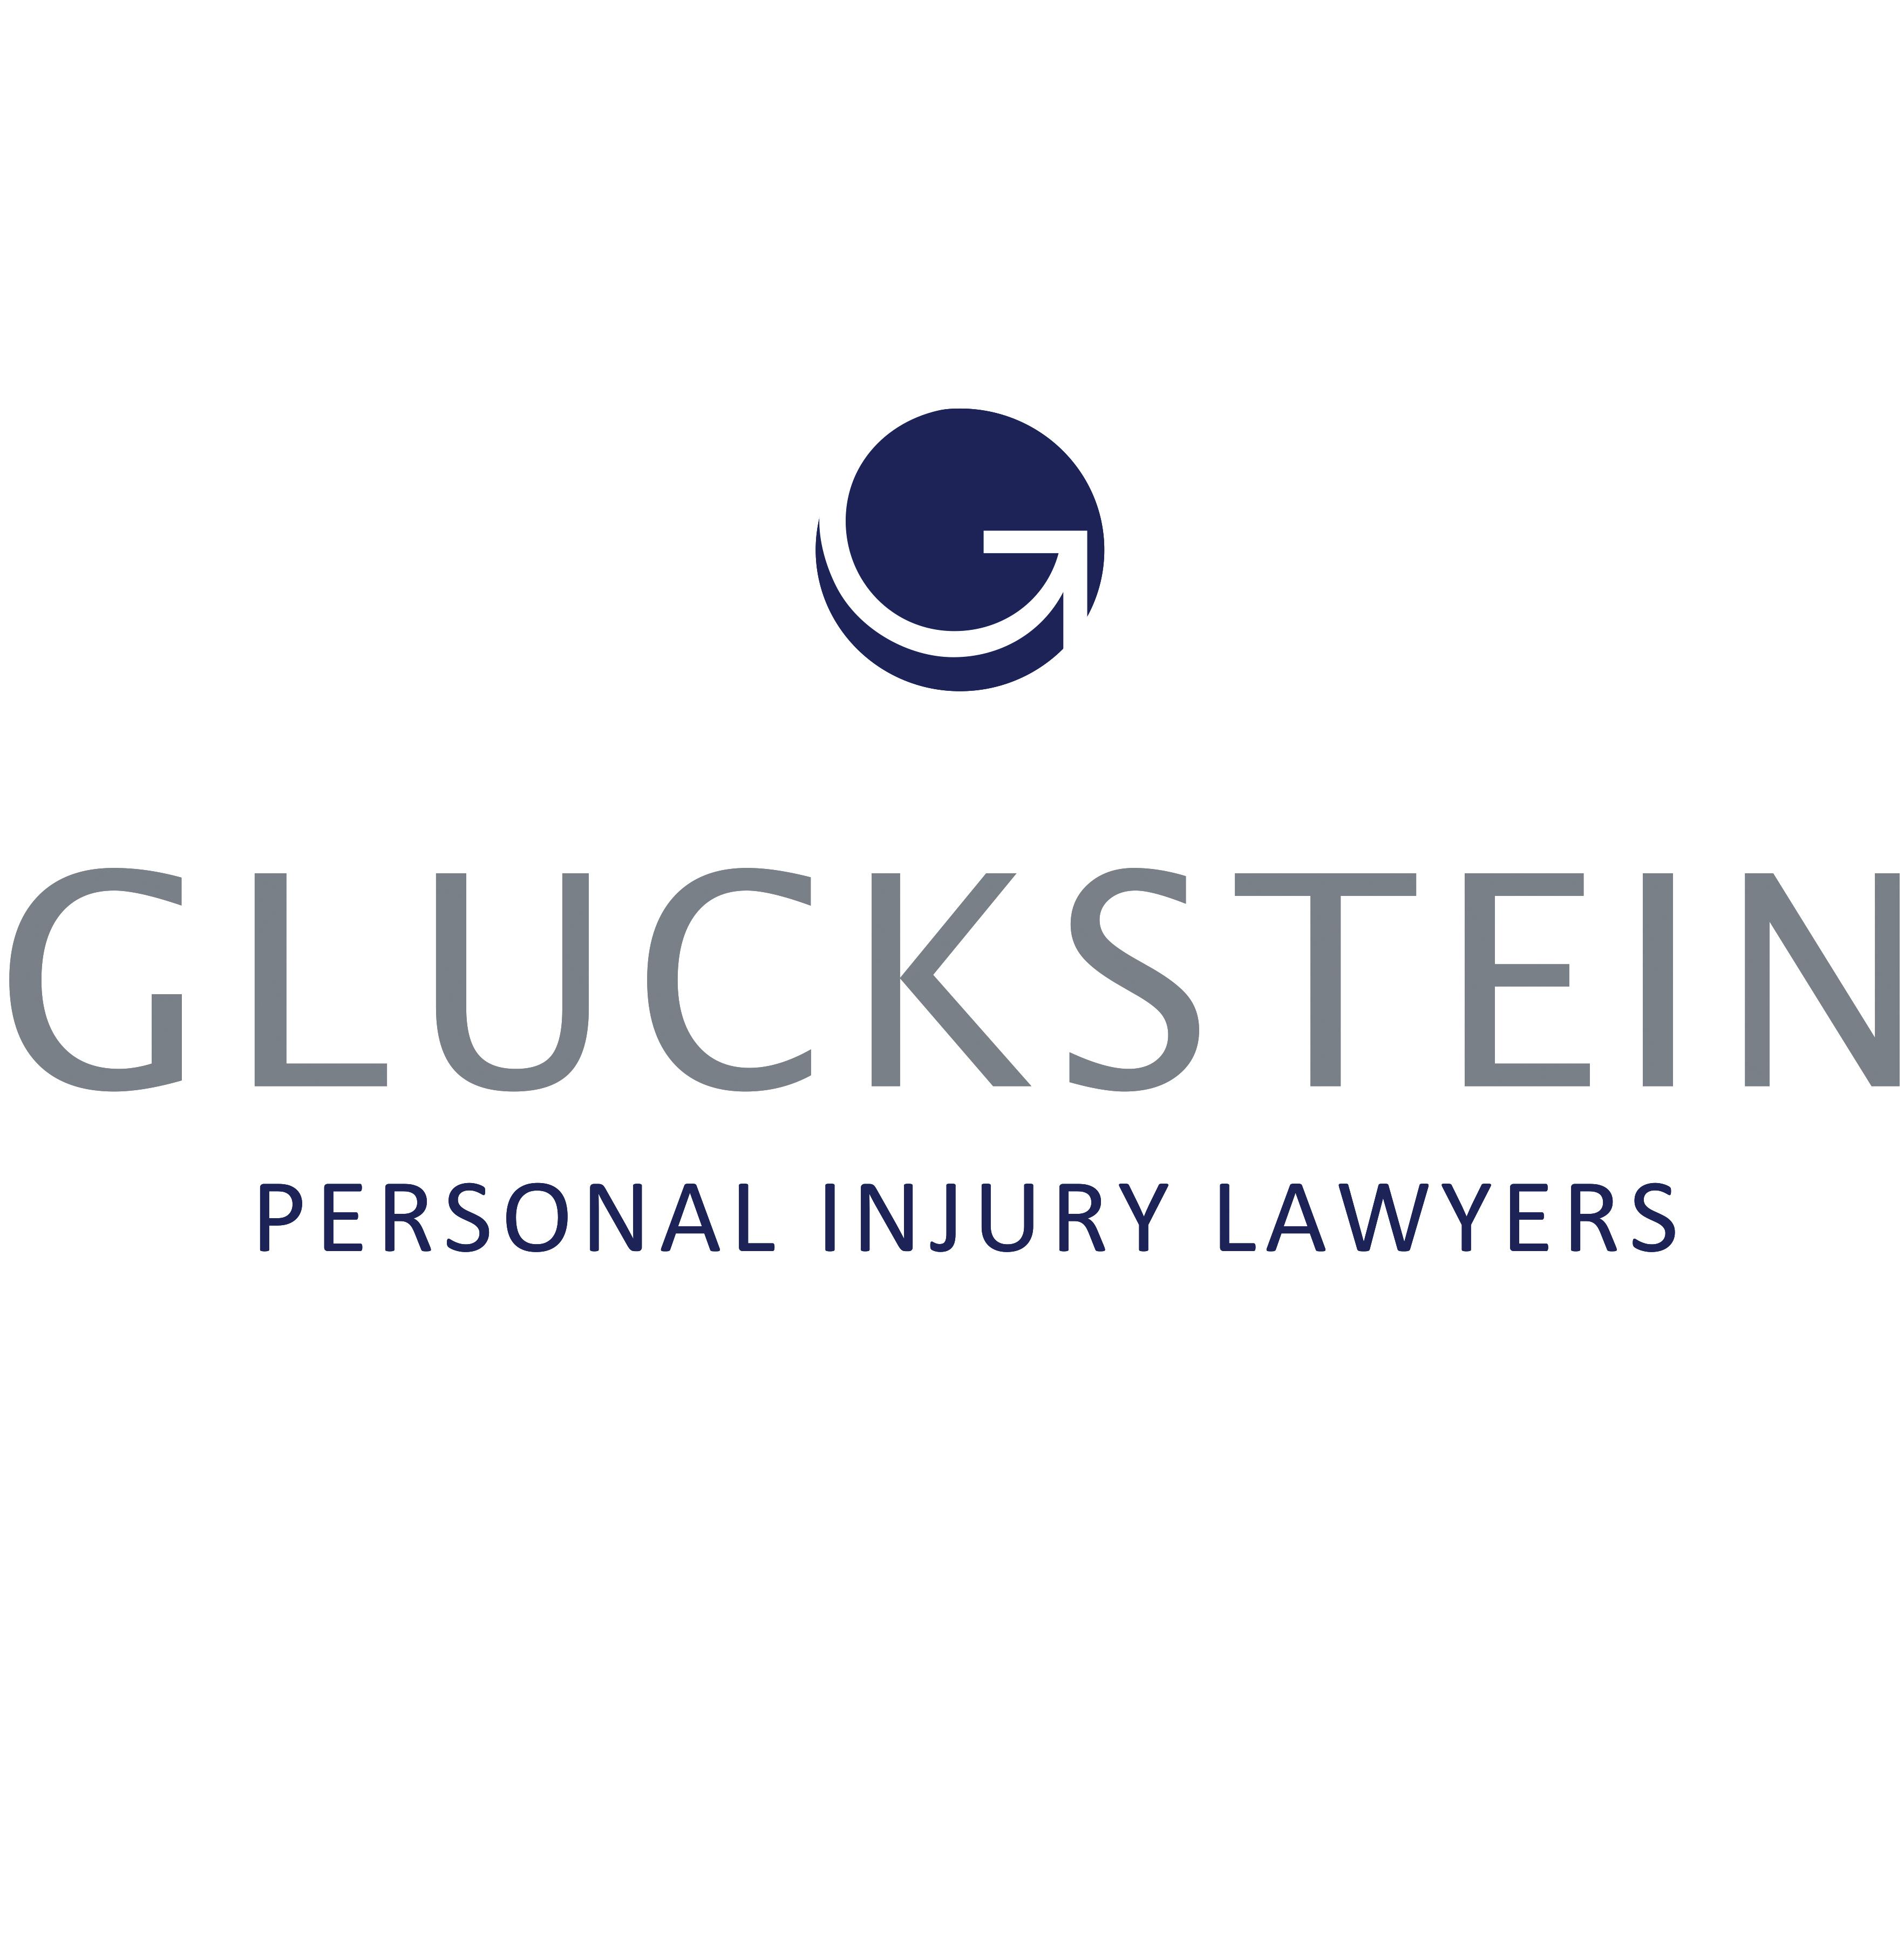 Nicholson Gluckstein Lawyers